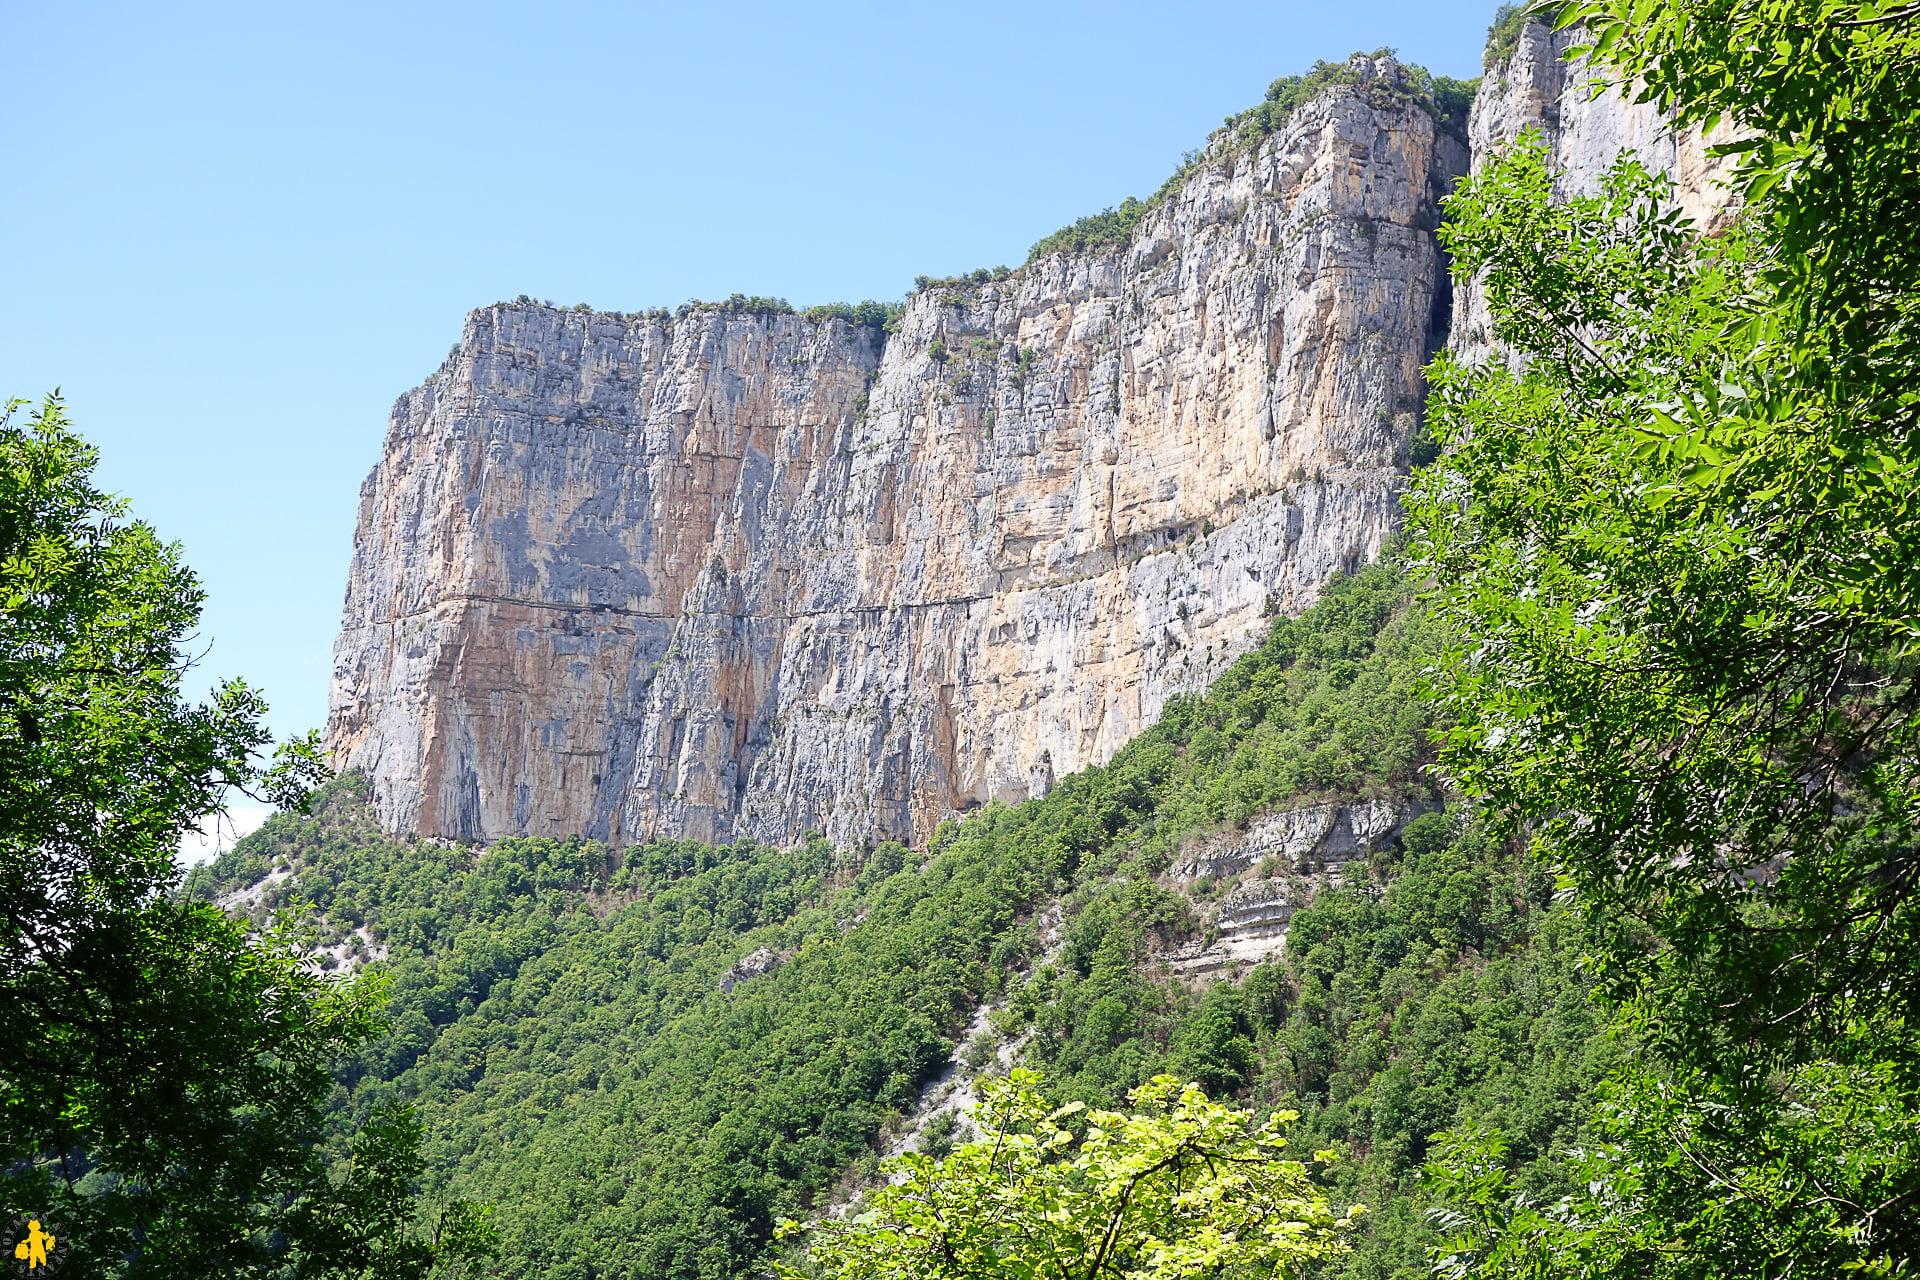 Lieux d'intérêt en Isère - randonnée dans le vercors